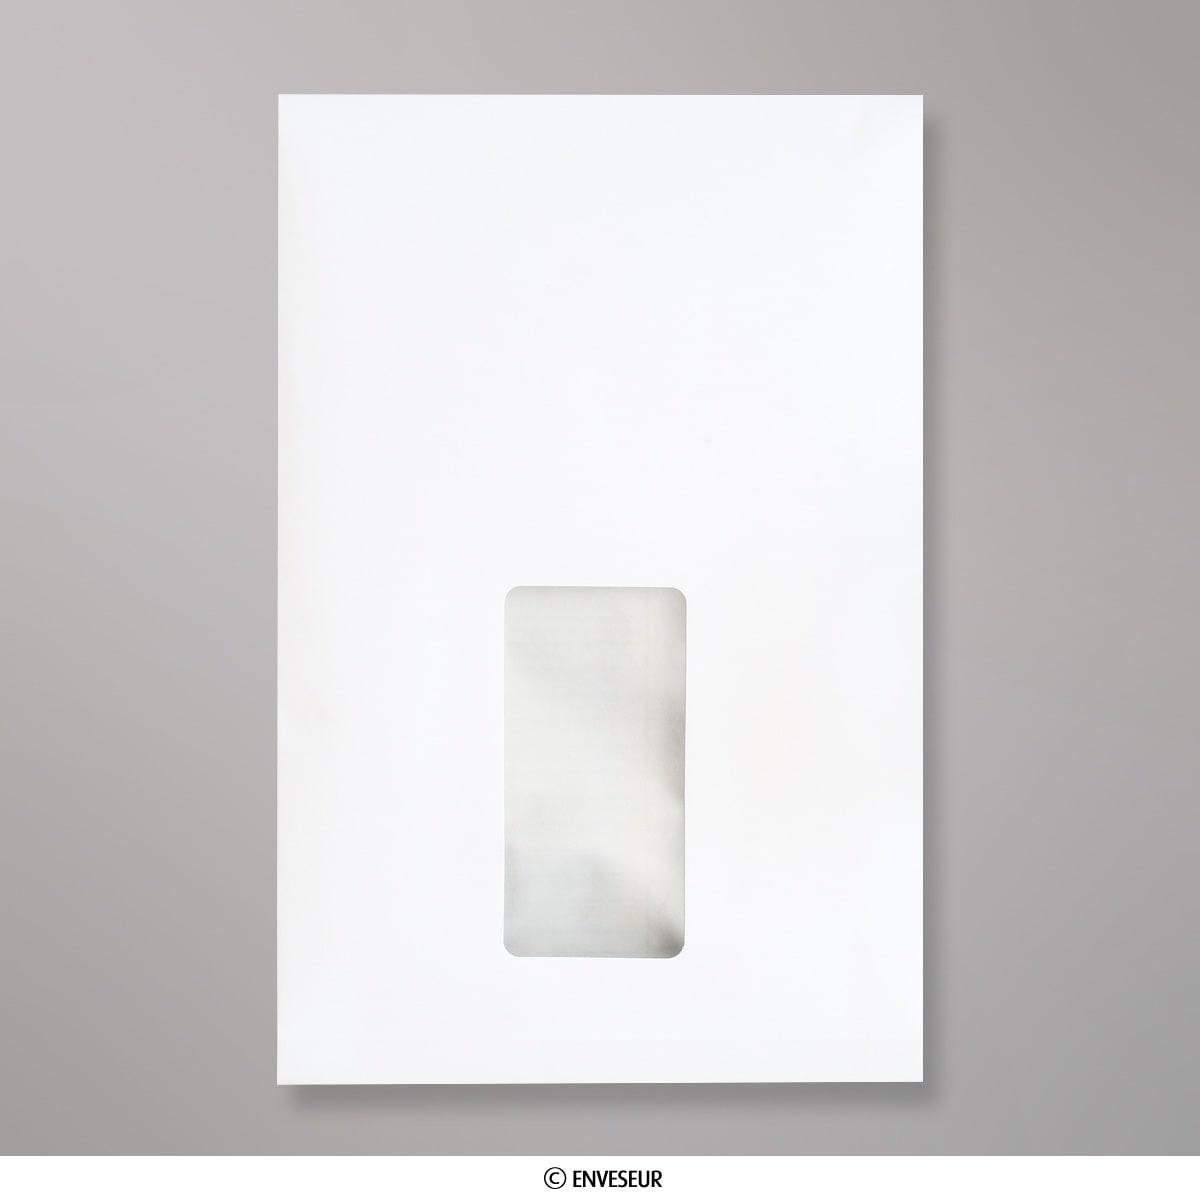 229x162x25 Mm C5 Enveloppe Blanche à Fenêtre Avec Soufflet